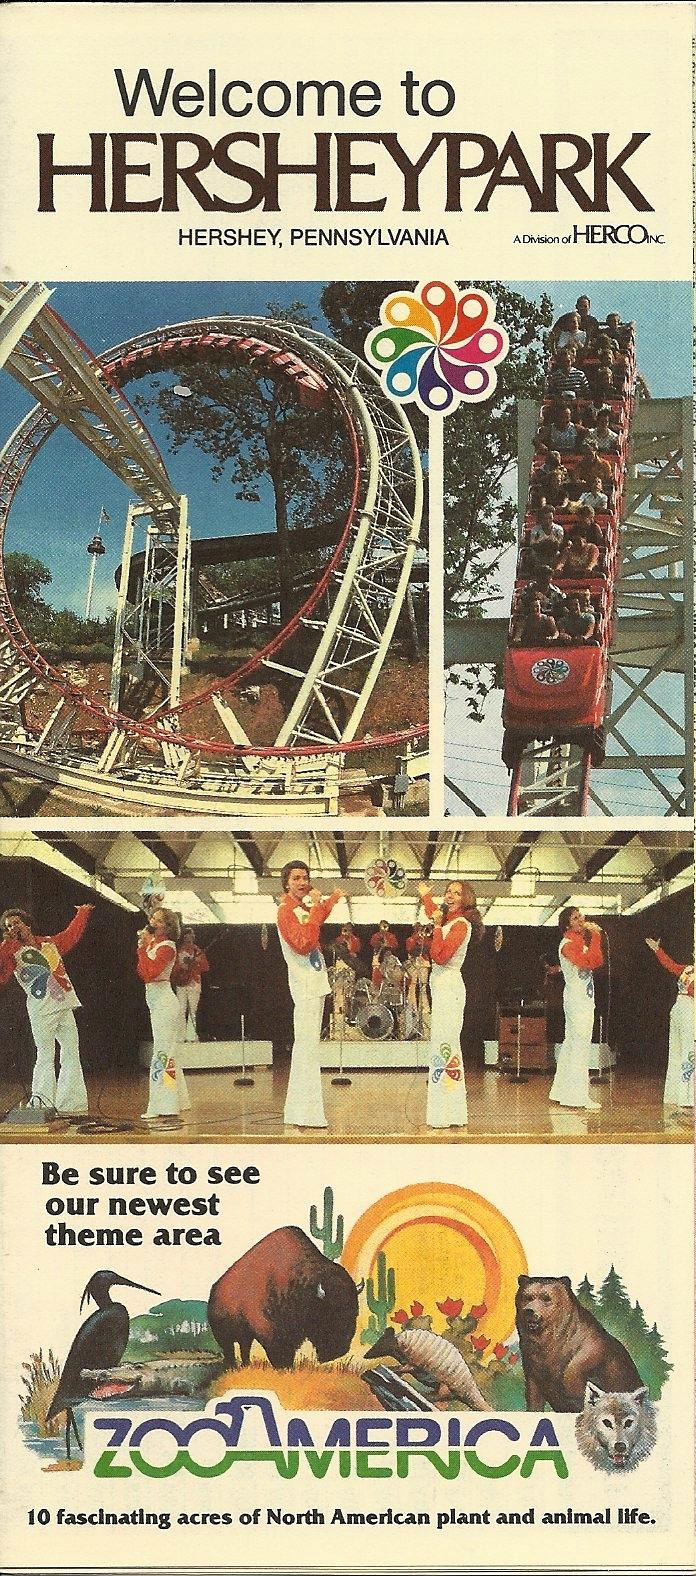 Hersheypark.jpg